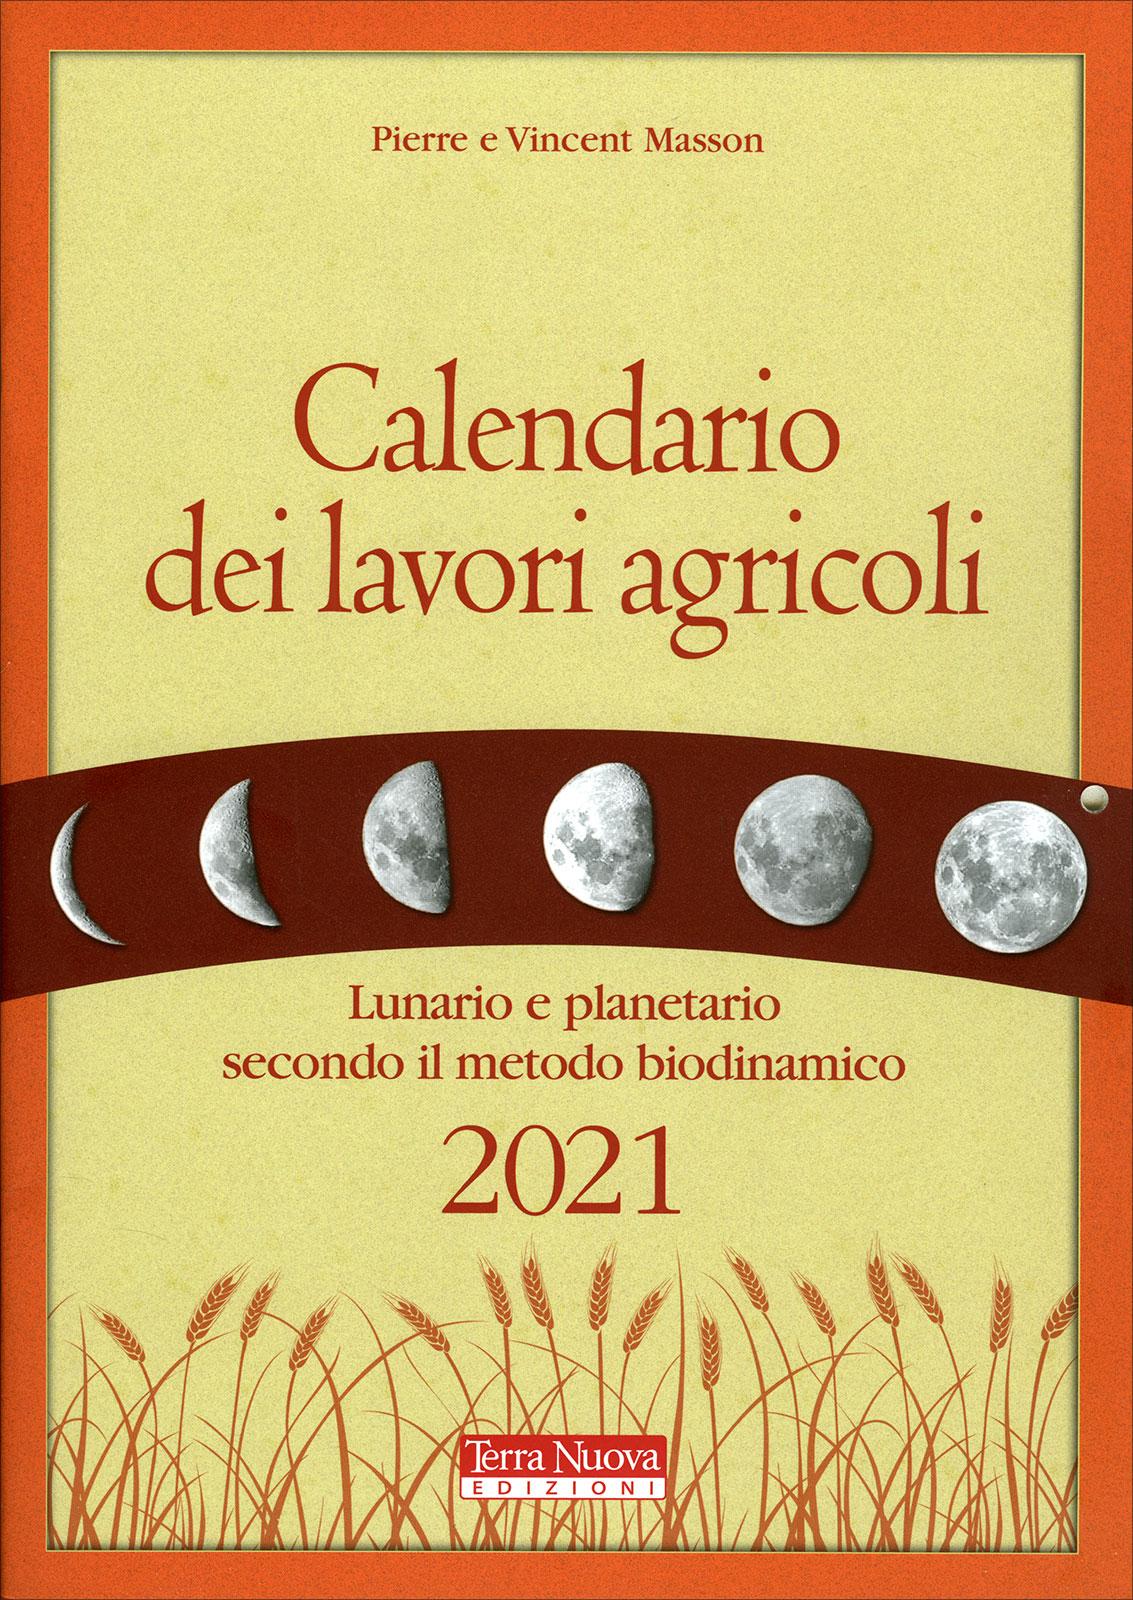 Calendario dei Lavori Agricoli 2021   Terra Nuova Edizioni